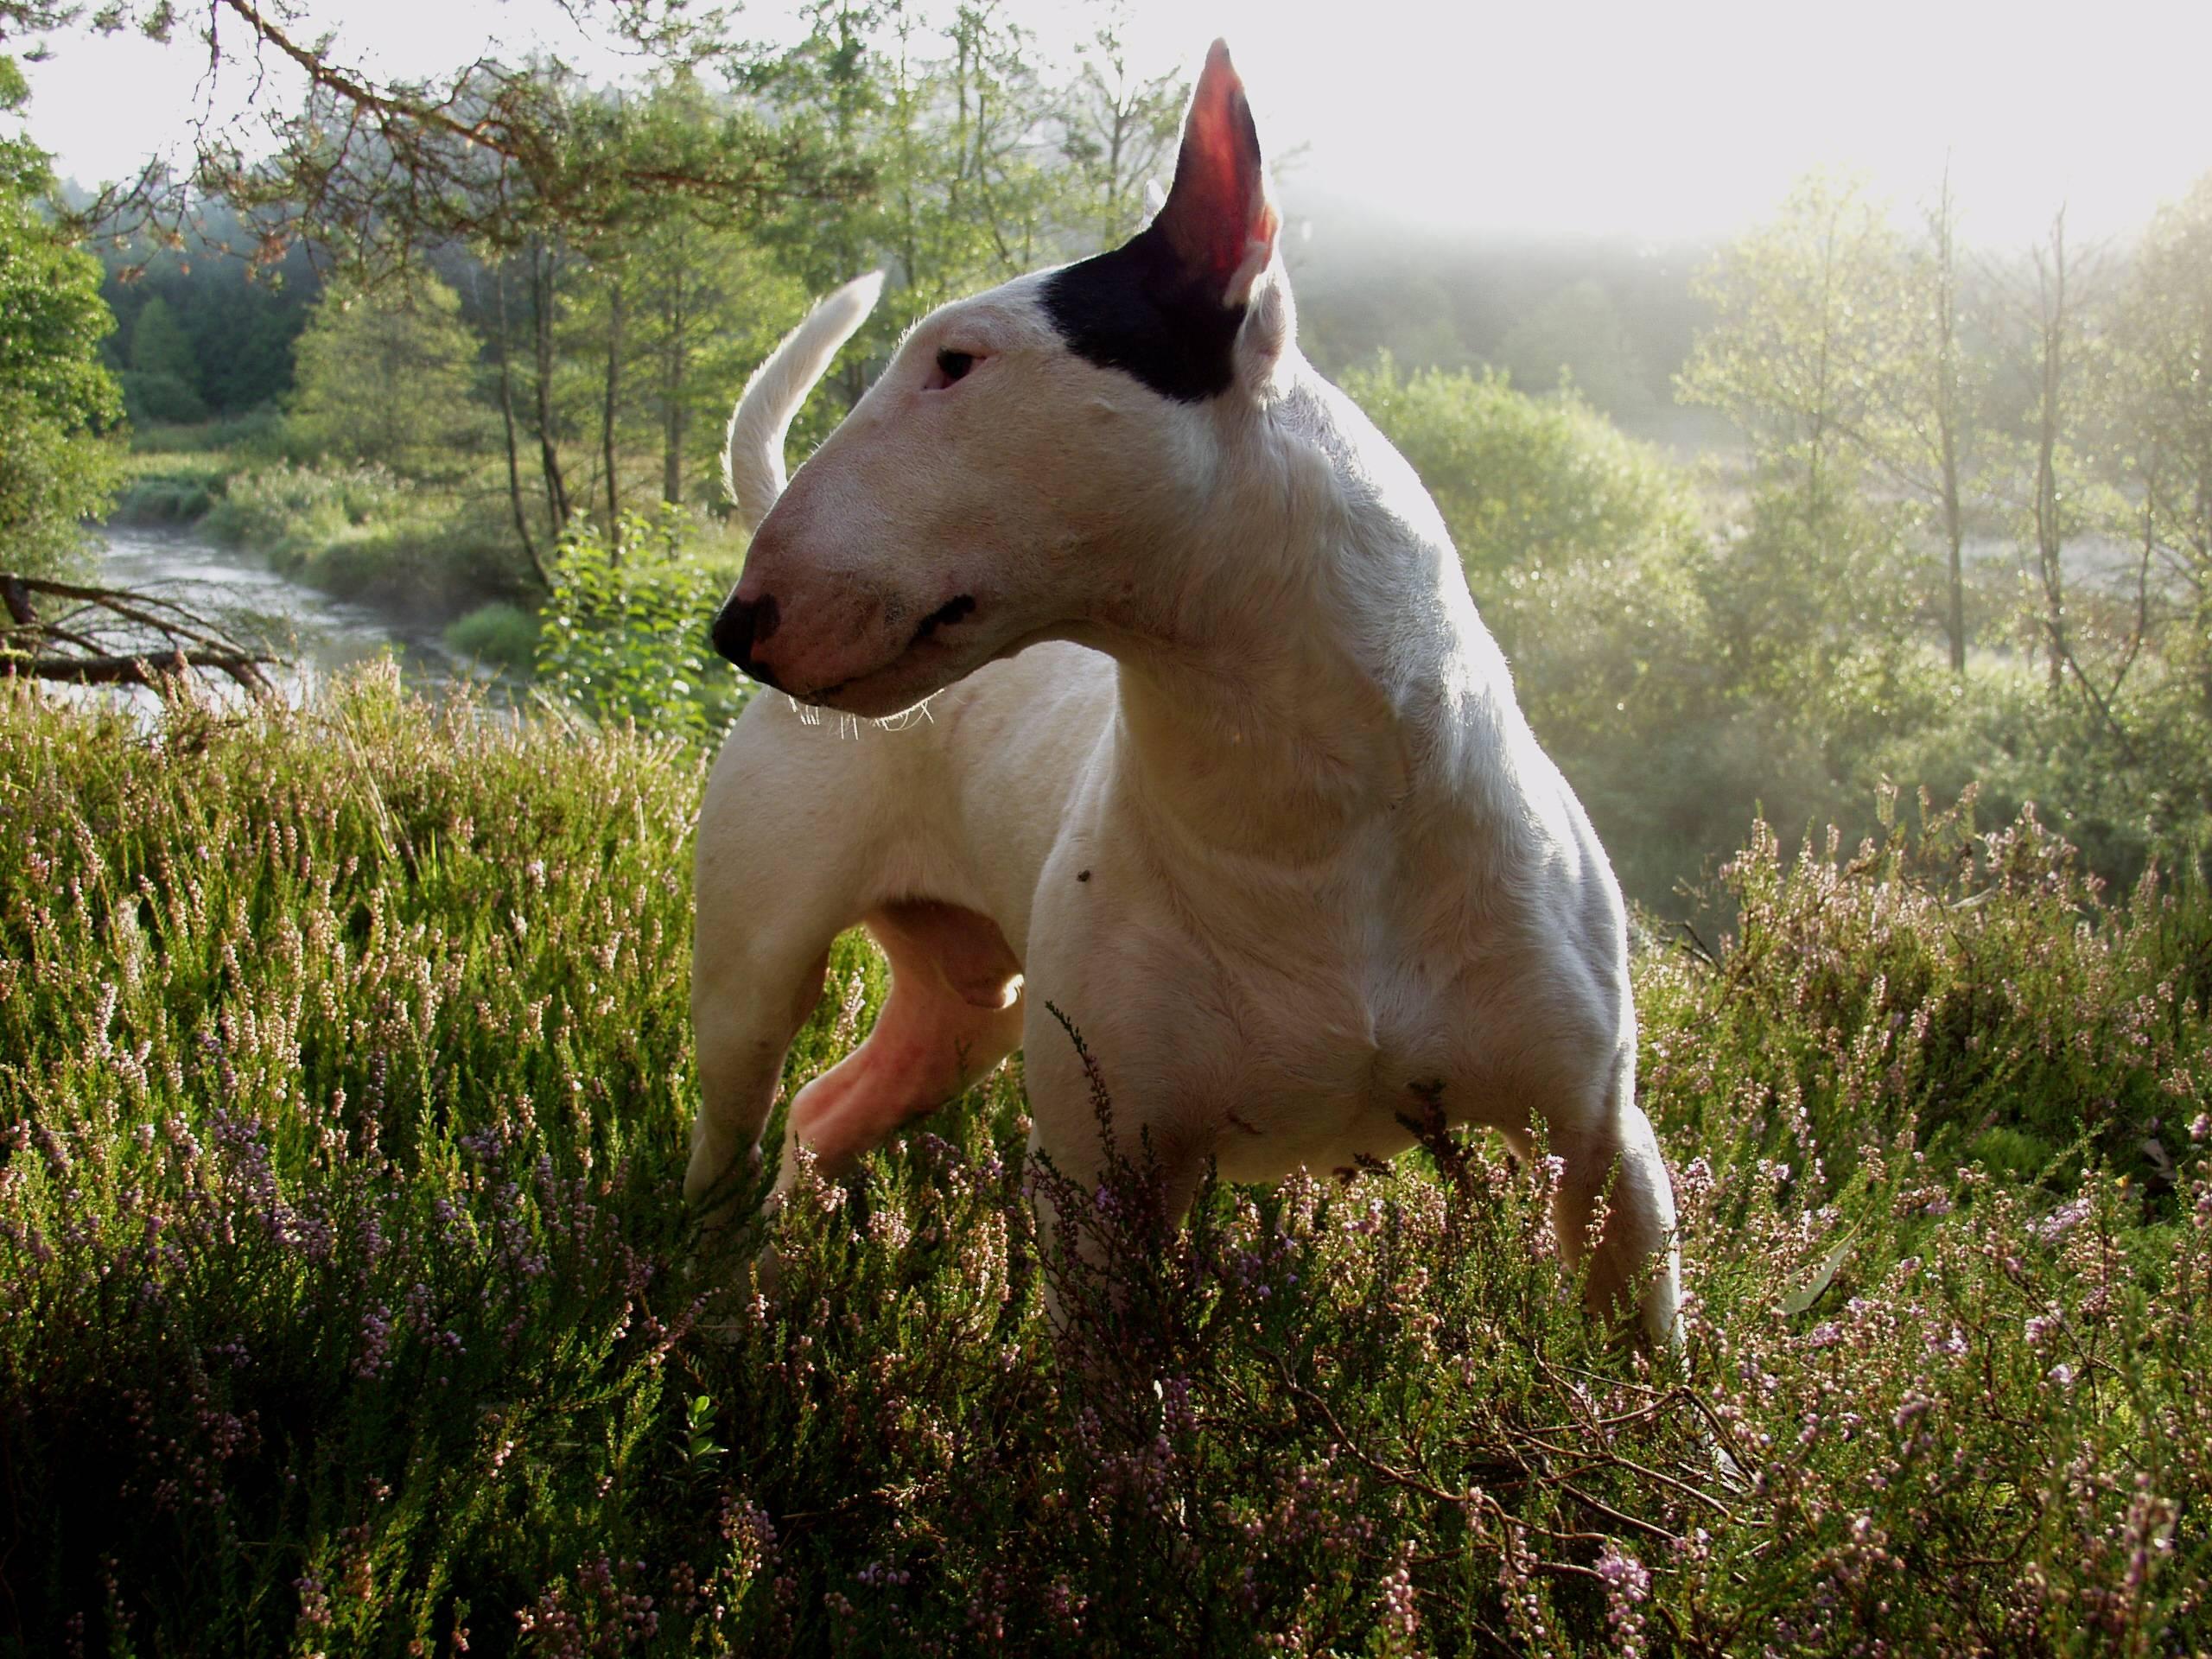 Стаффордширский бультерьер (staffordshire bull terrier): фото, купить, видео, цена, содержание дома